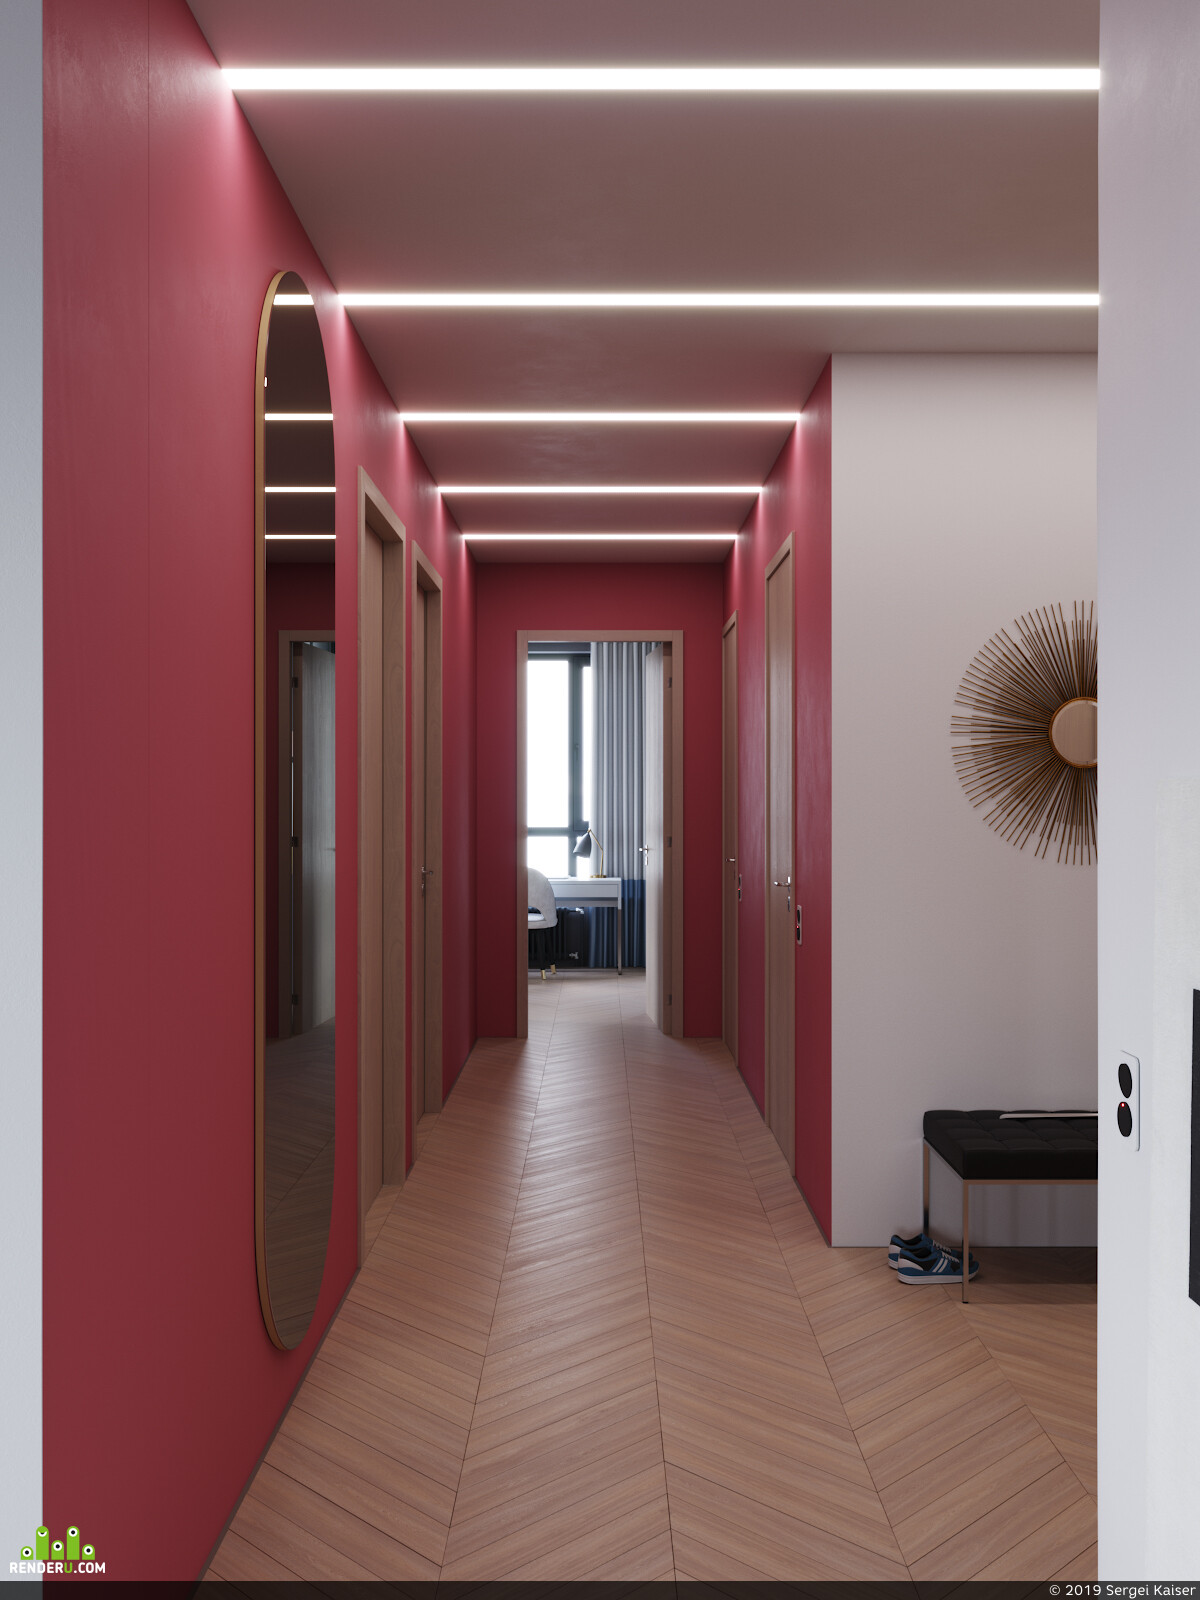 дизайн интерьера, 3д визуализация интерьера, гостиная, Столовая группа, паркет, Спальня